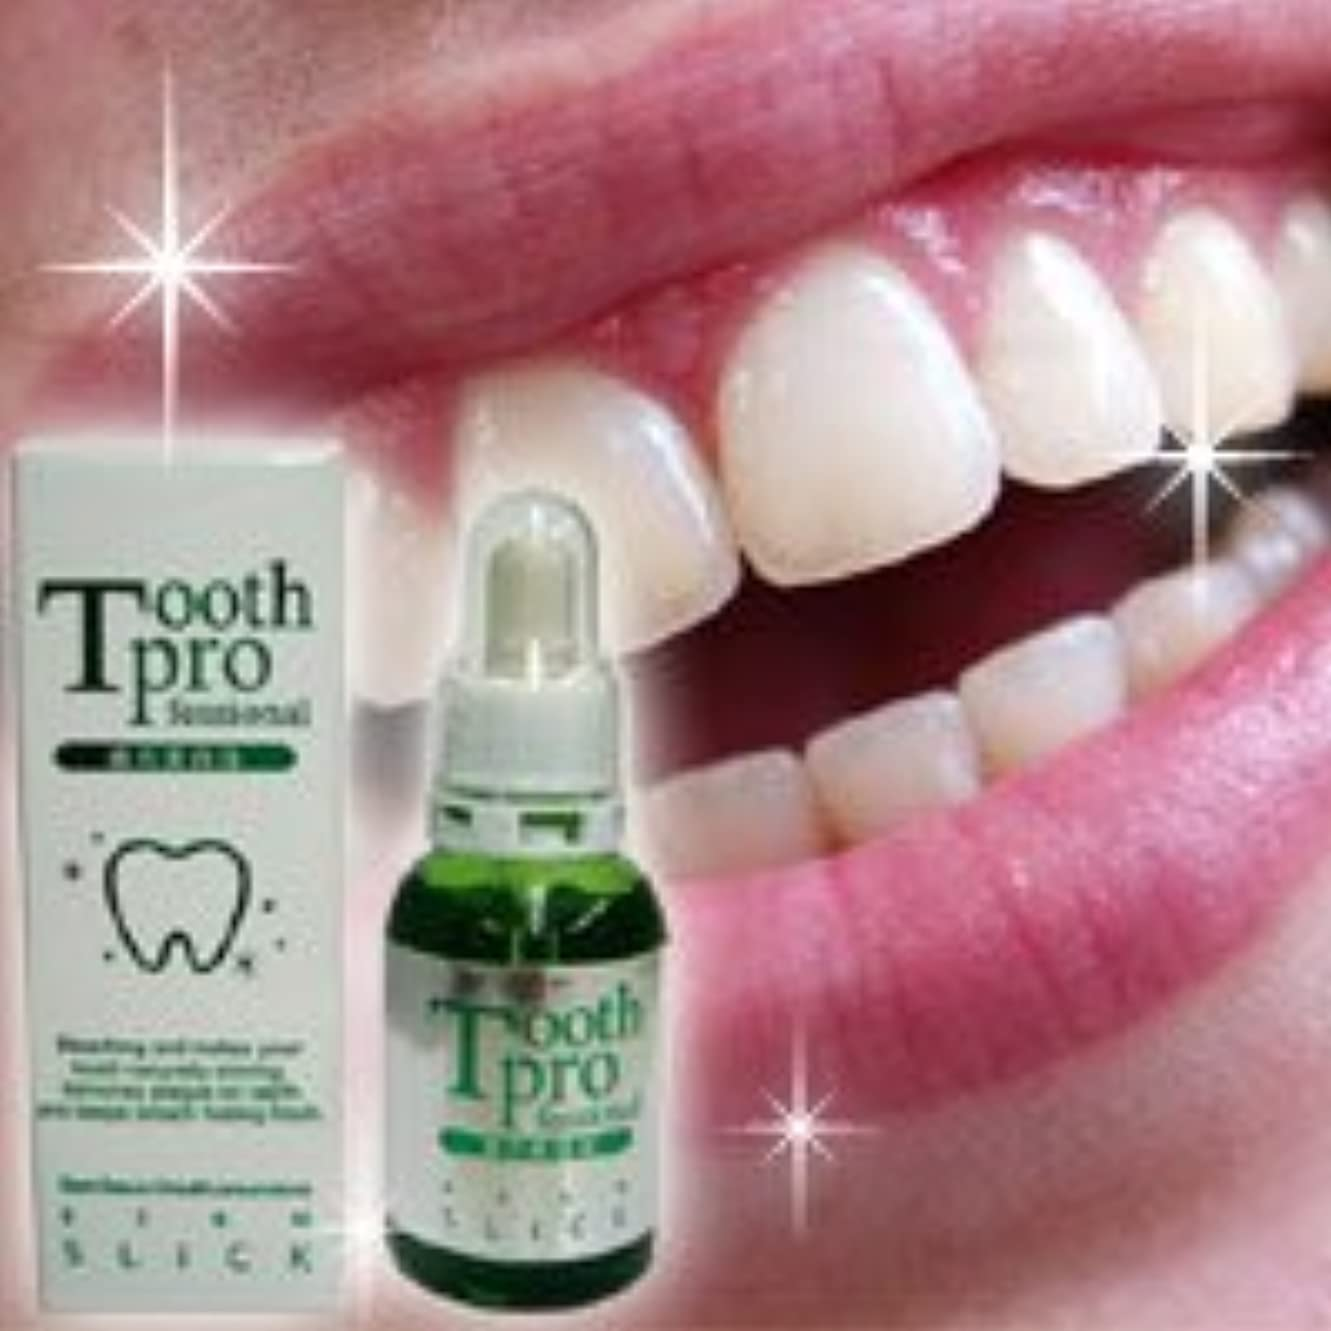 計り知れない部トリクル歯科医が大絶賛!でも販売には猛反対! ビームスリック トゥースプロフェッショナル 20ml